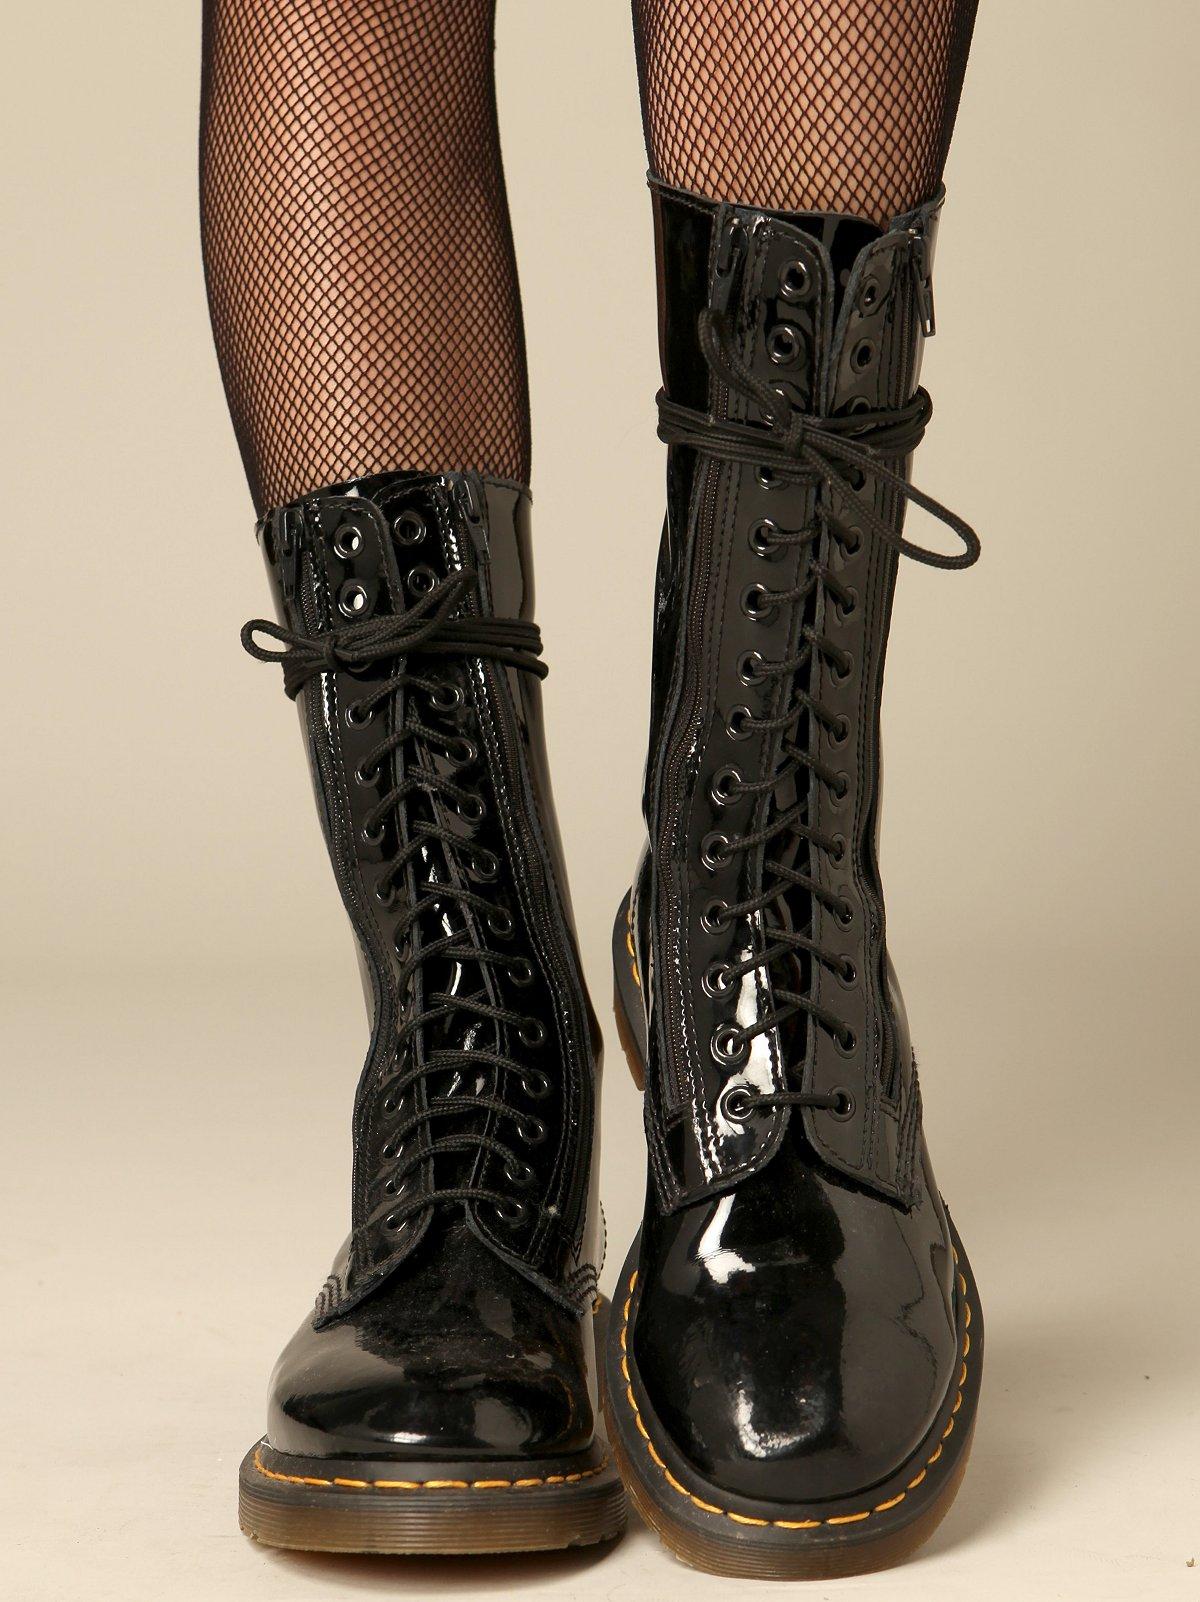 Fourteen Eye Zipper Boot by Dr. Martens